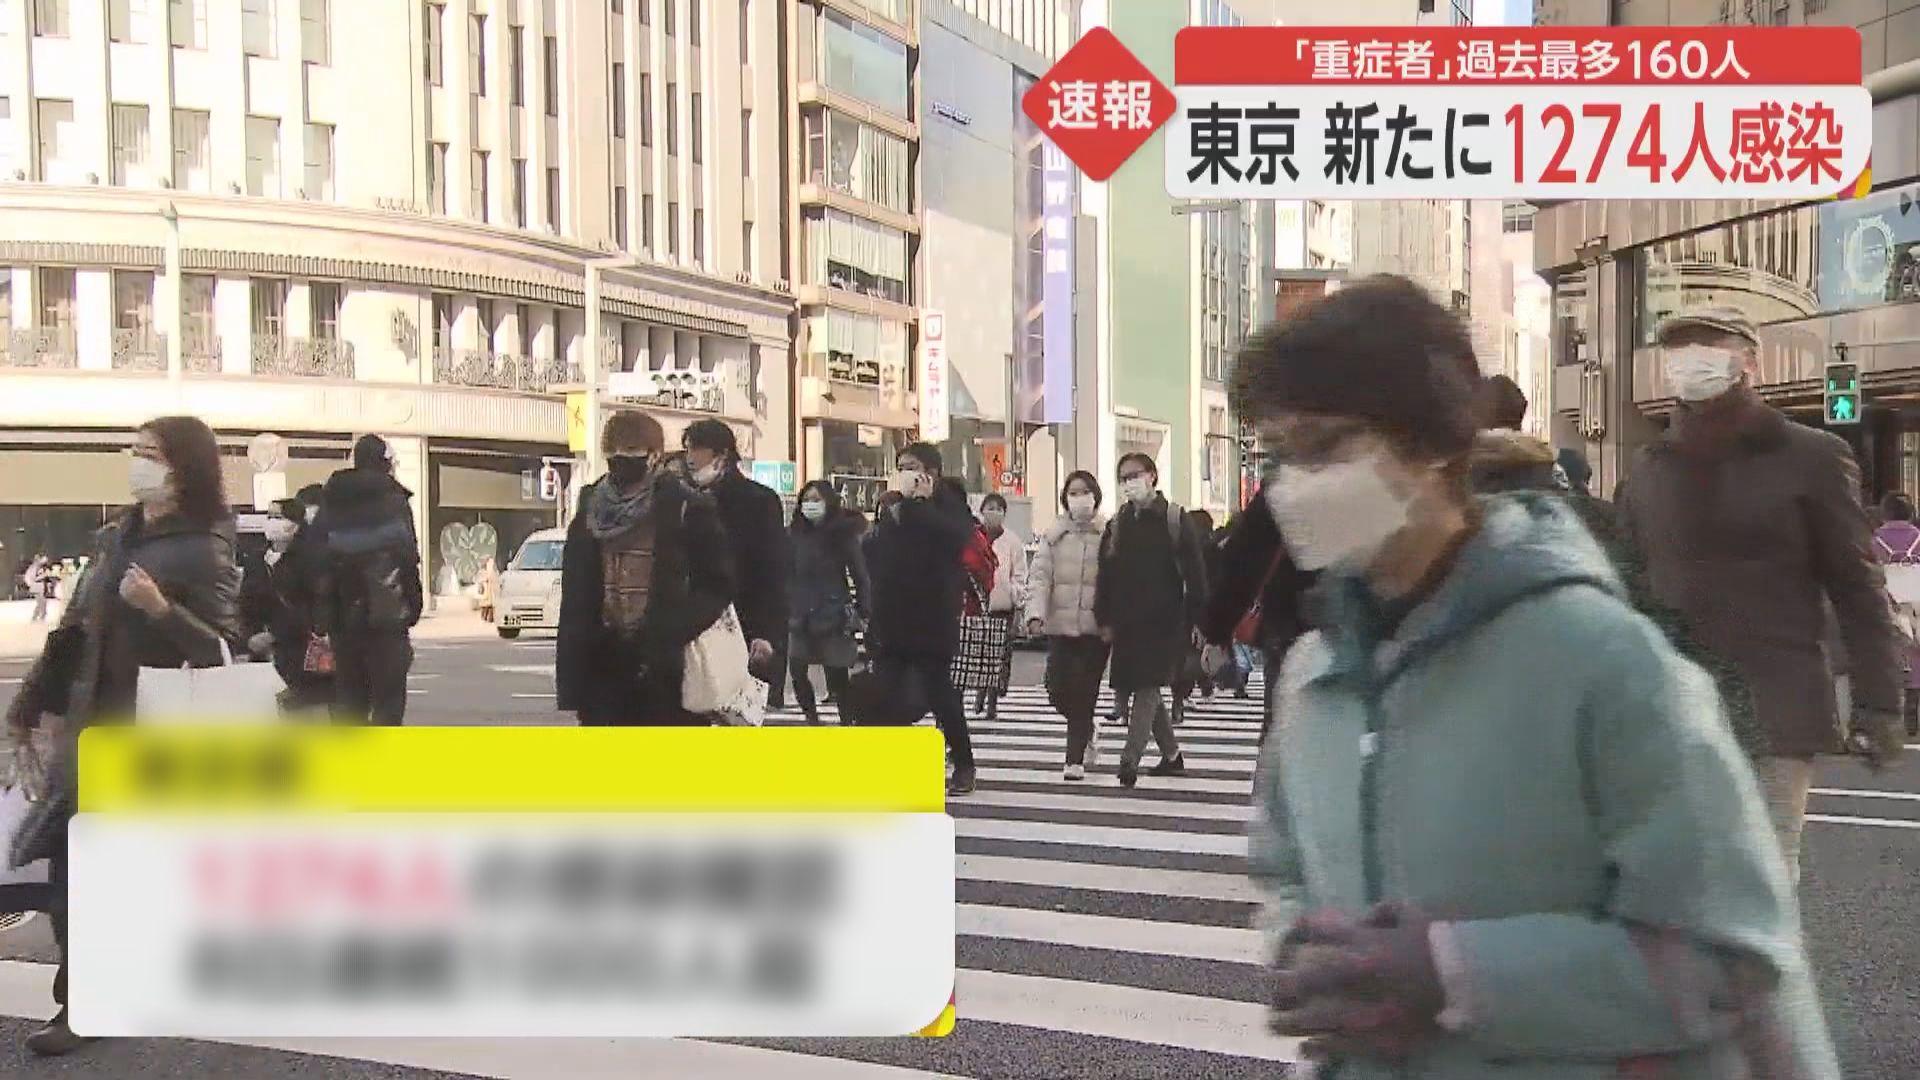 東京都連續八日過千人確診 據報民眾五月左右接種疫苗